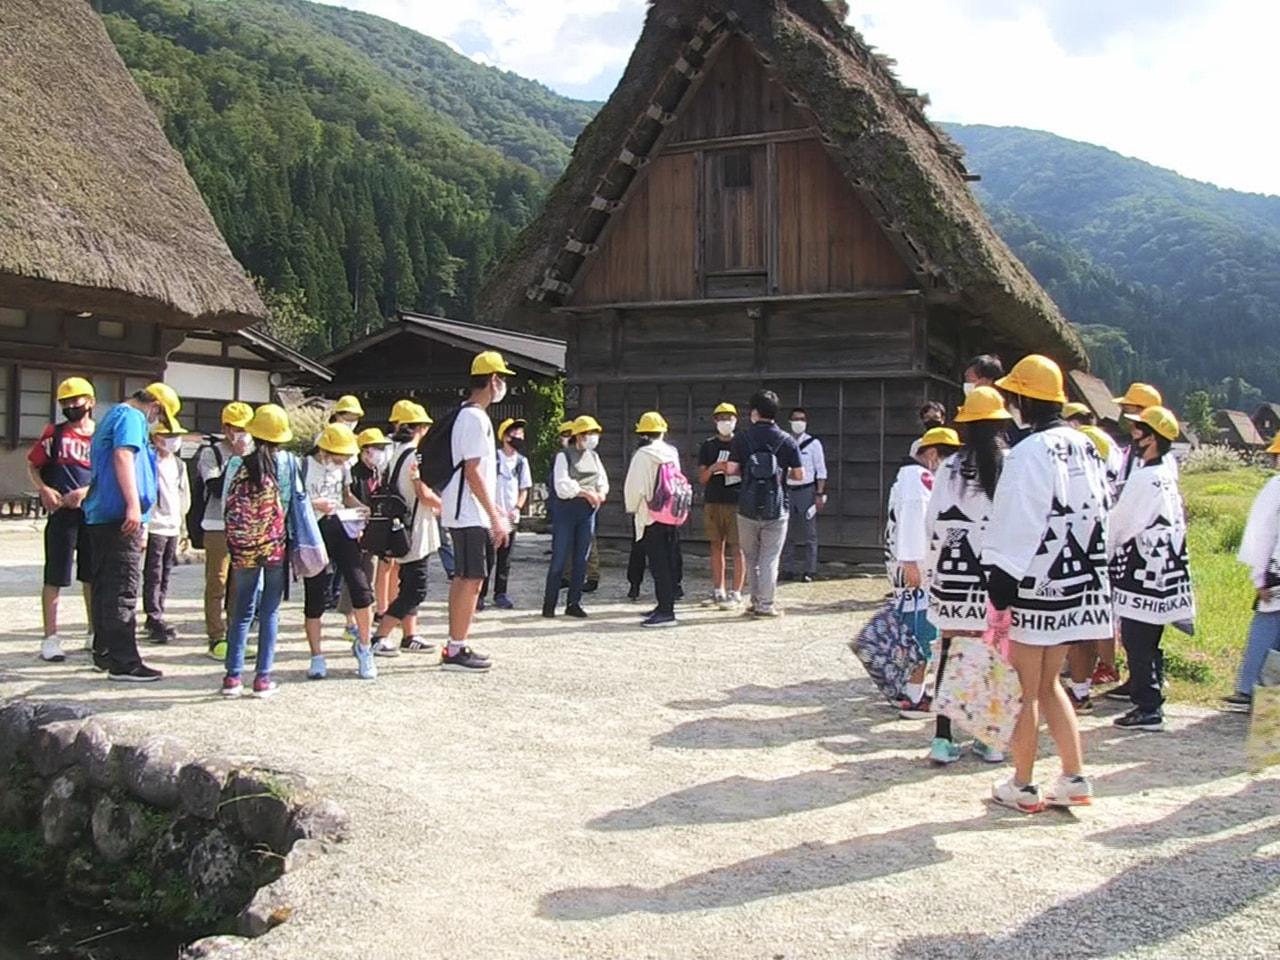 岐阜県白川村のジュニア観光大使を務める白川郷学園の6年生が、修学旅行で村を訪れた...